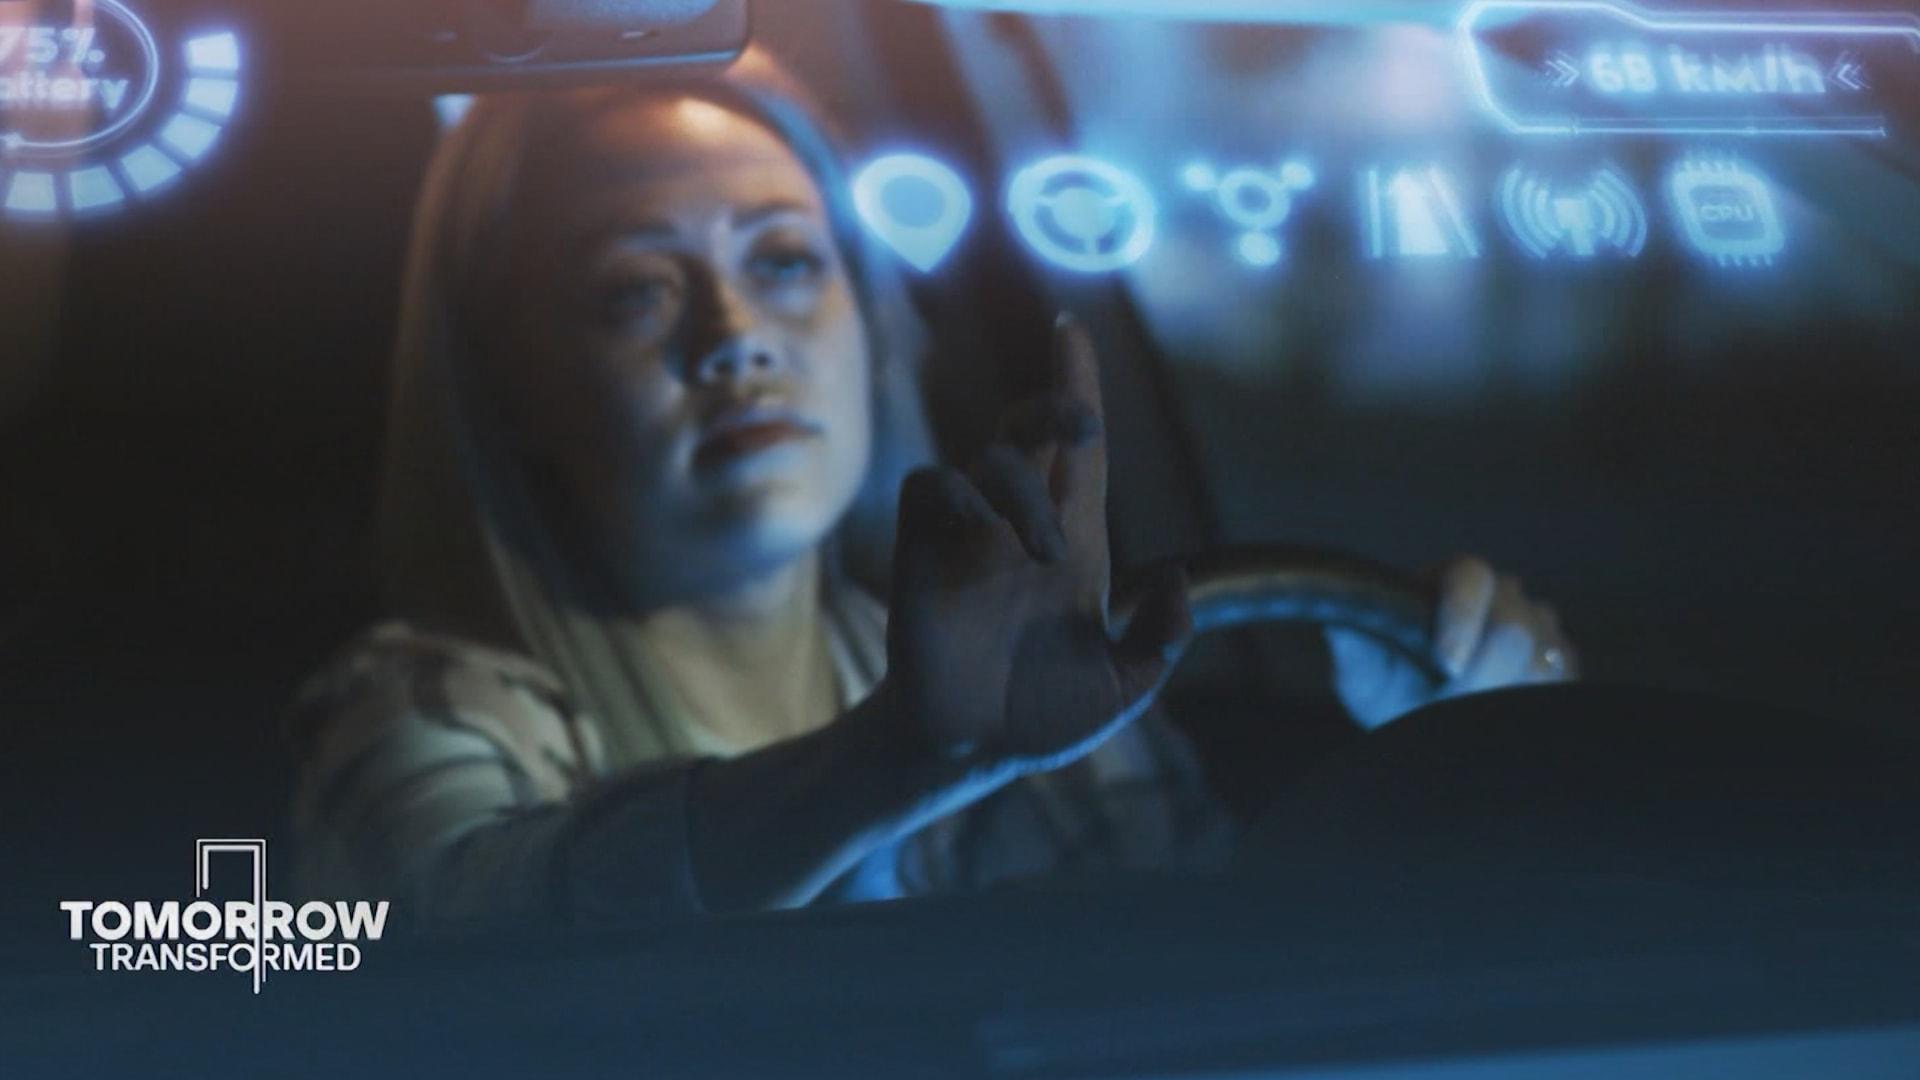 كيف سيكون شكل التنقل في المستقبل القريب؟ الجواب يكمن في 4 كلمات